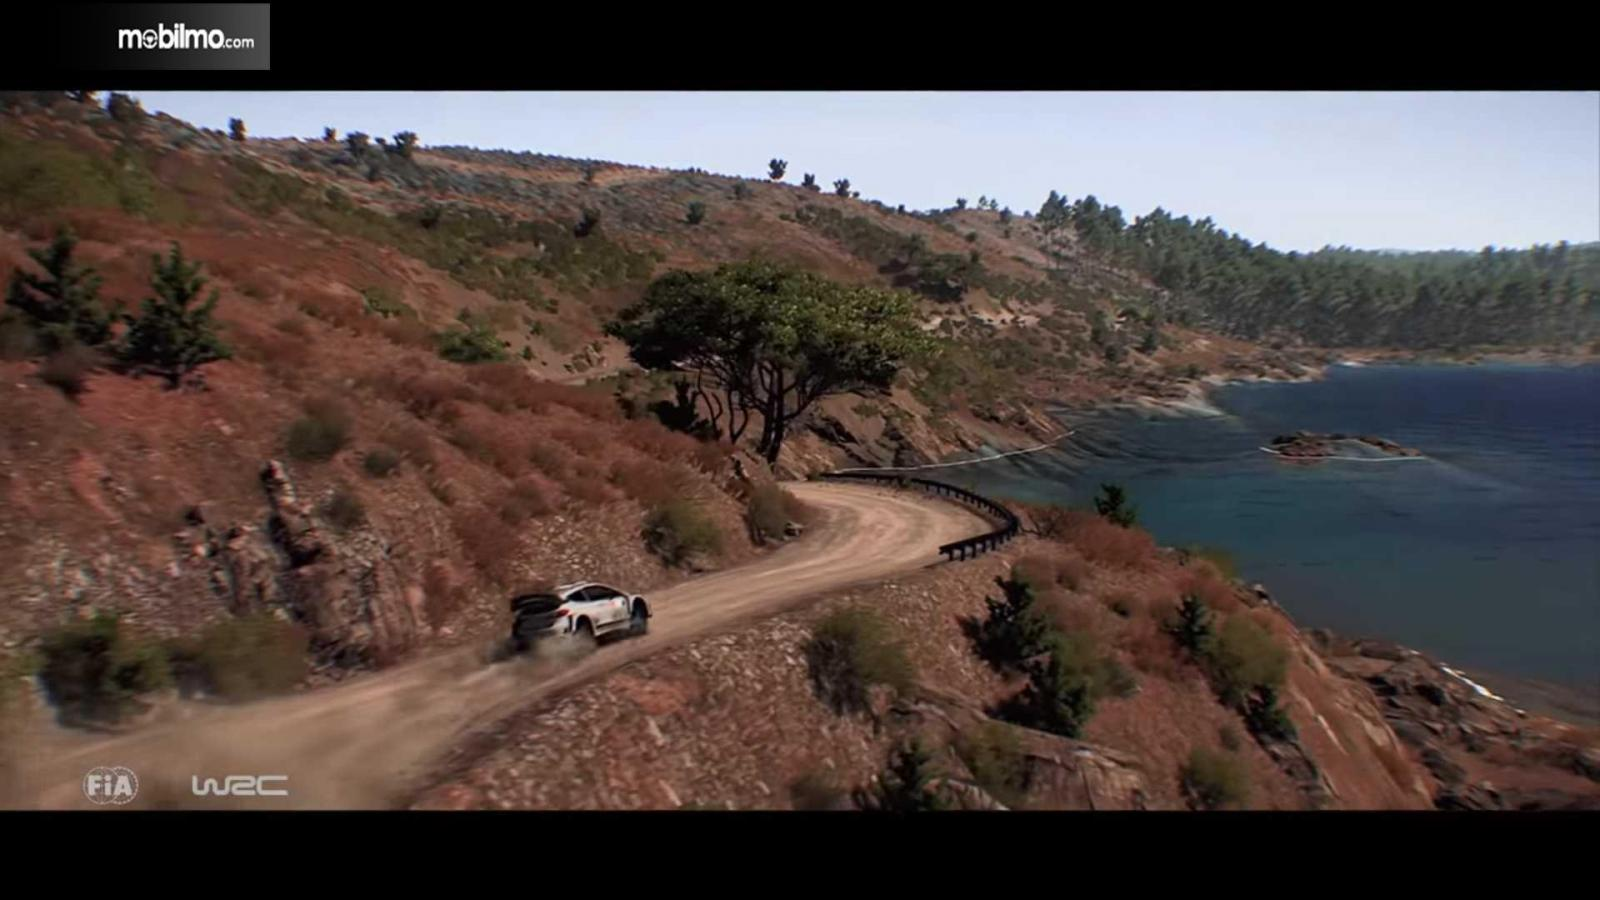 grafis menawan WRC 8 dengan mobil balap di daerah tebing